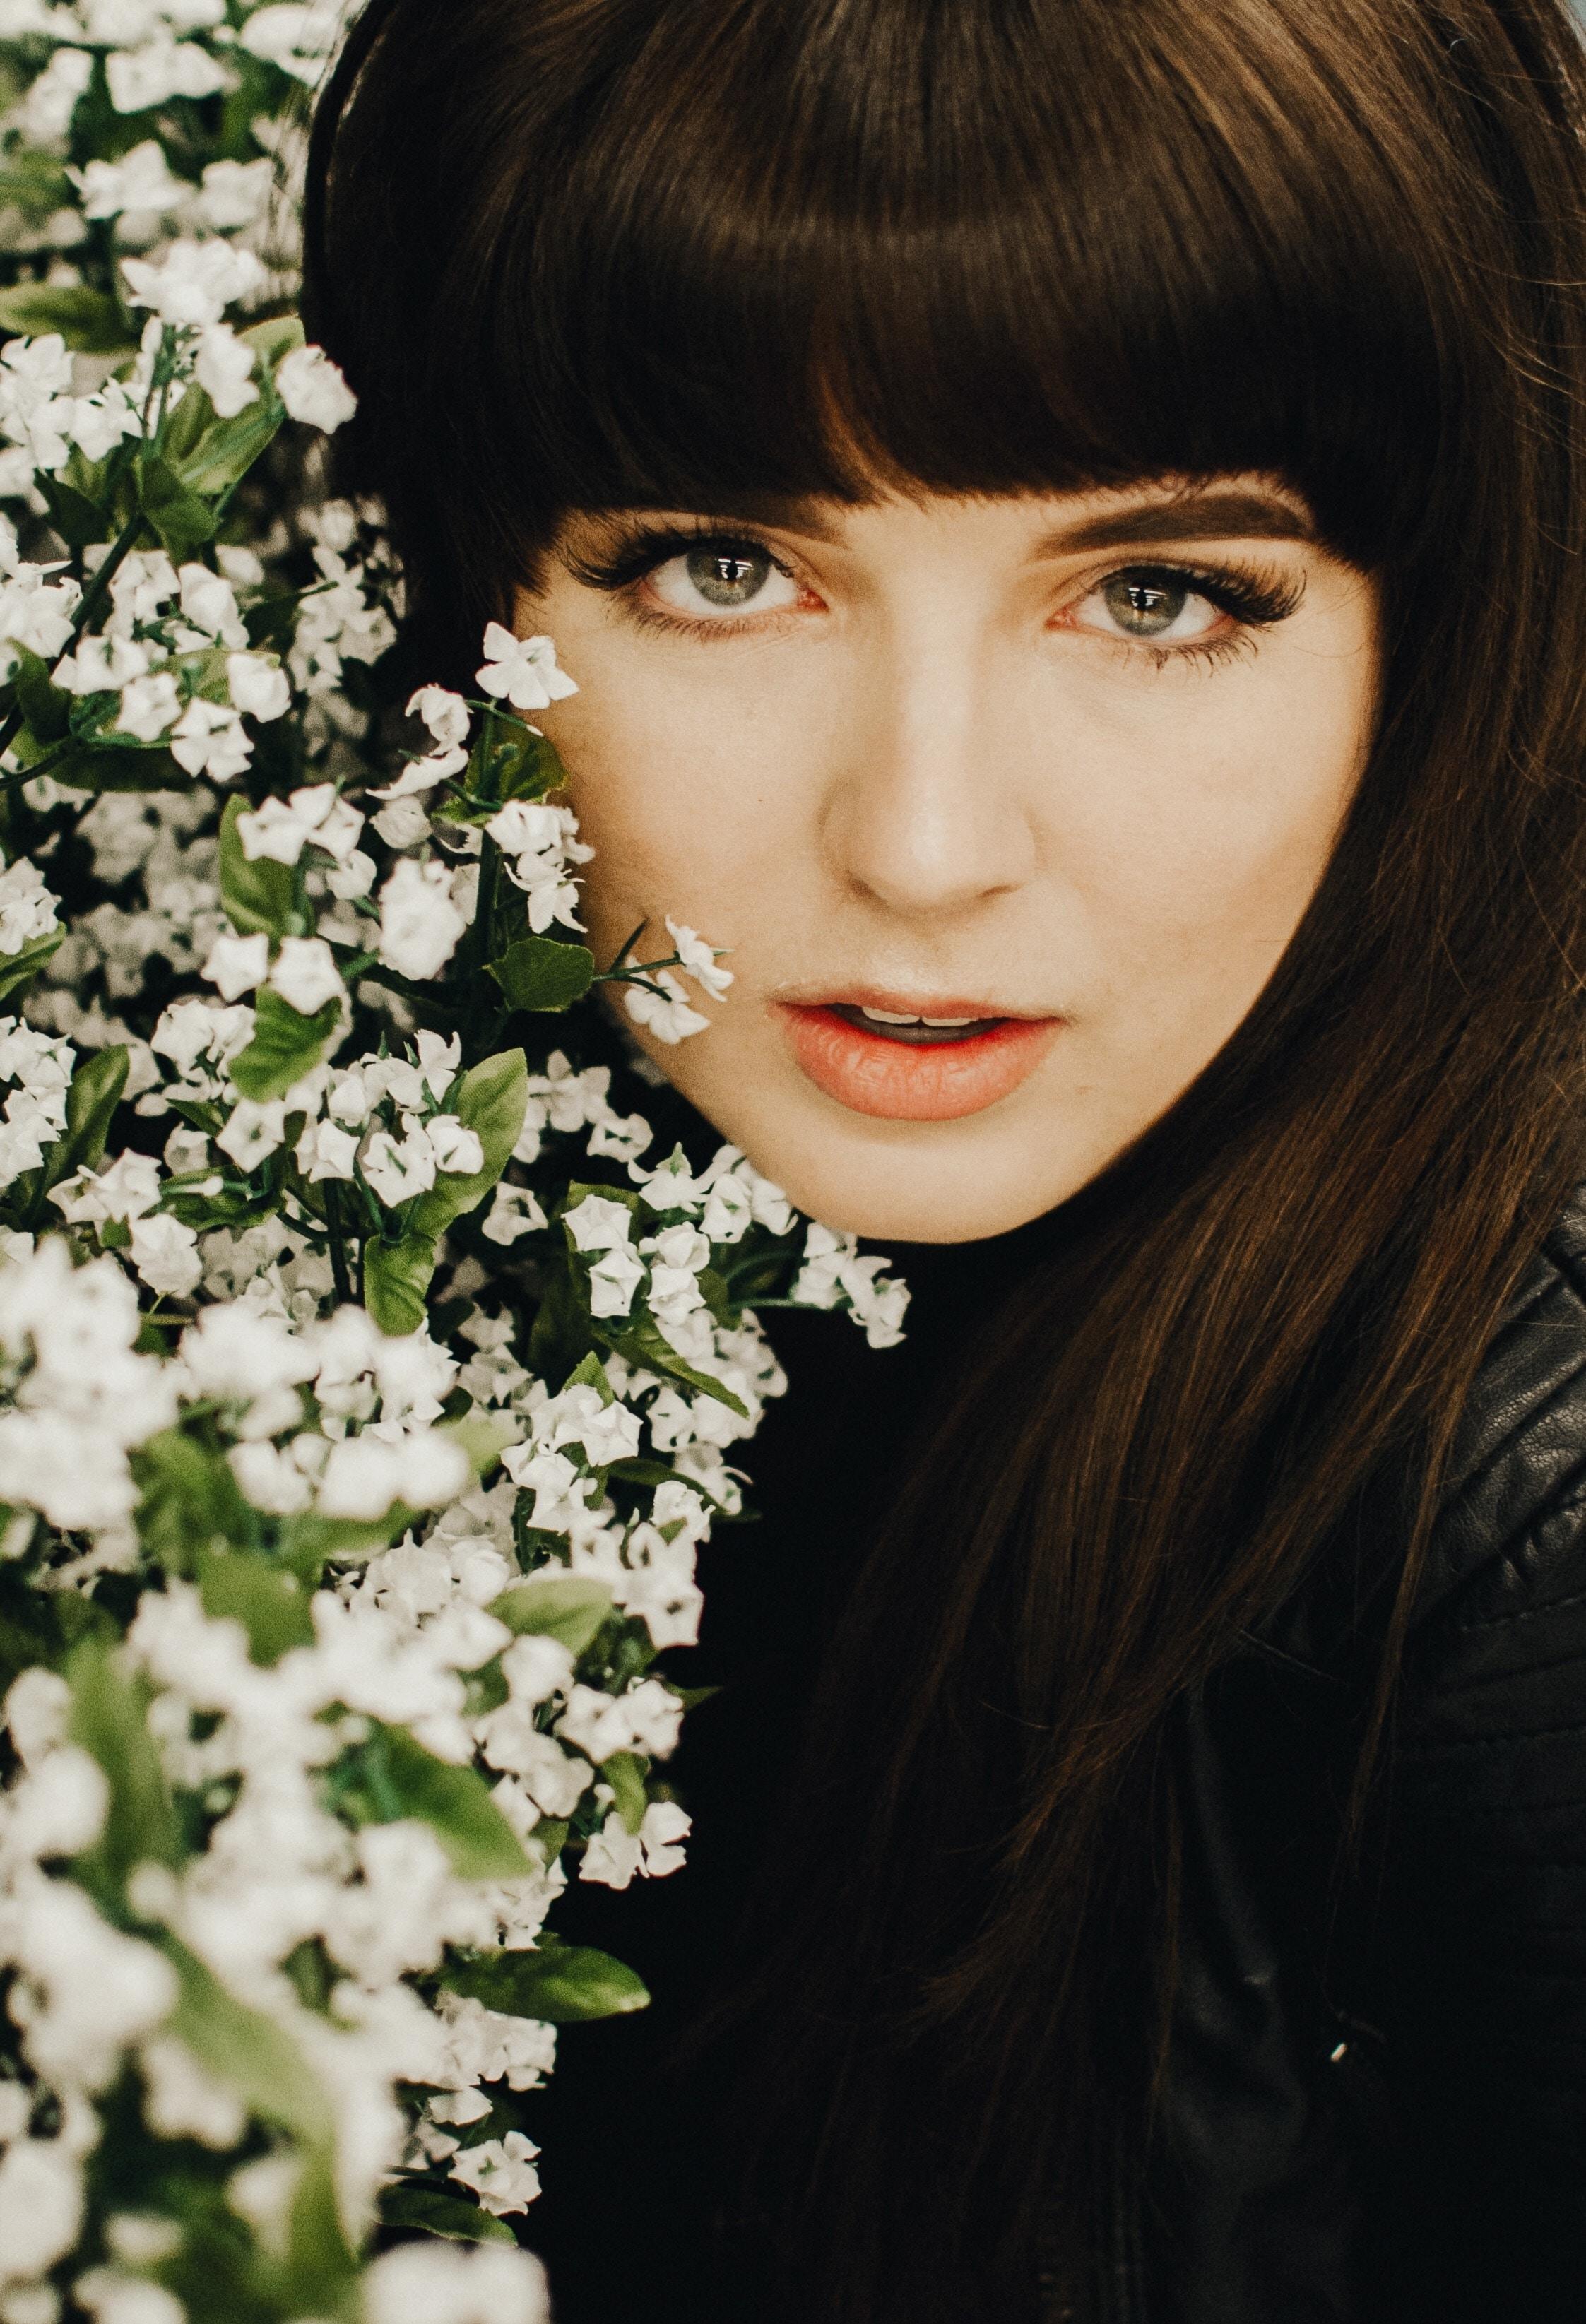 woman taking selfie near white flowers